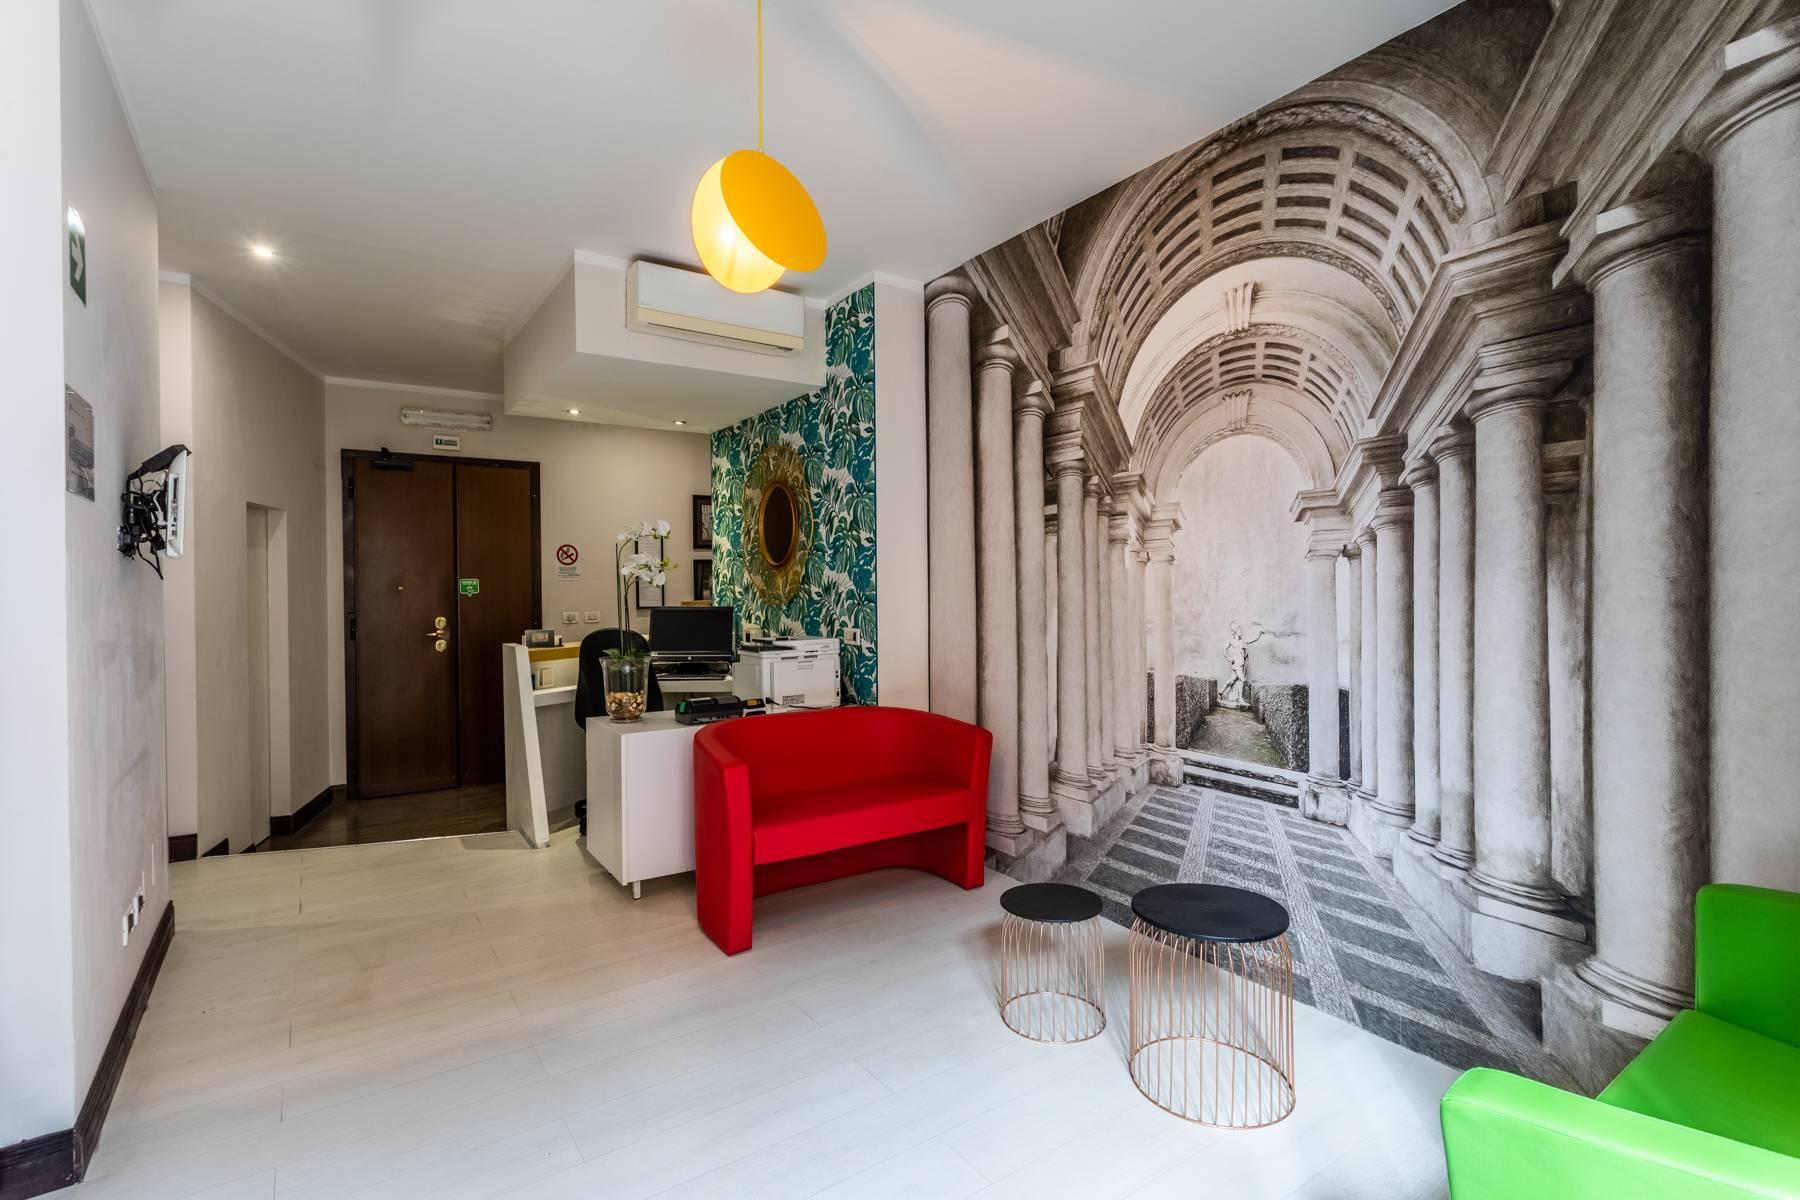 Appartamento dal design moderno a pochi passi da piazza del Popolo - 17